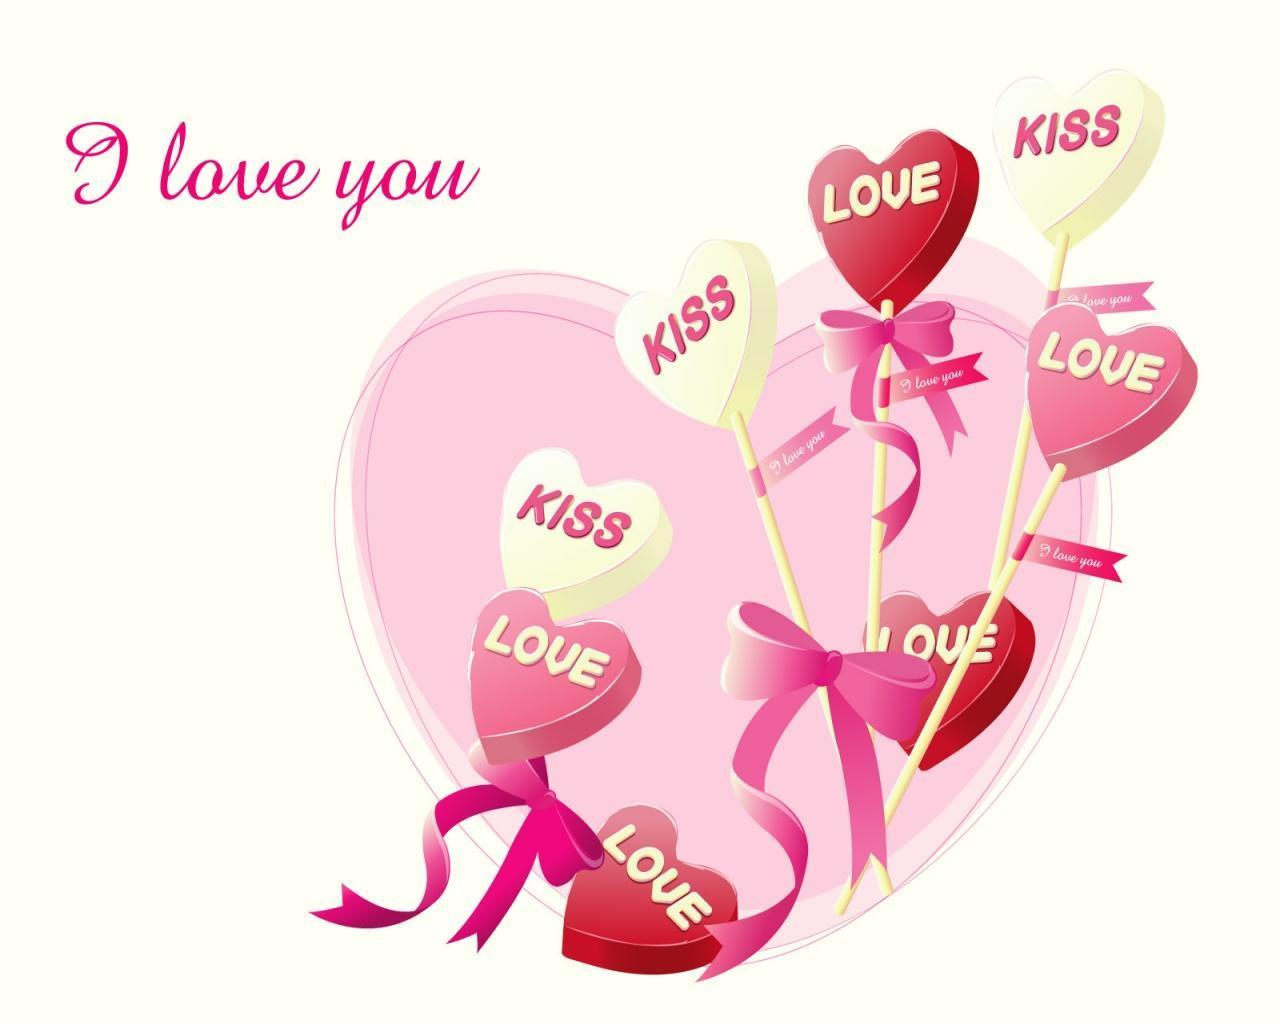 Kumpulan Kata Pantun Cinta Romantis